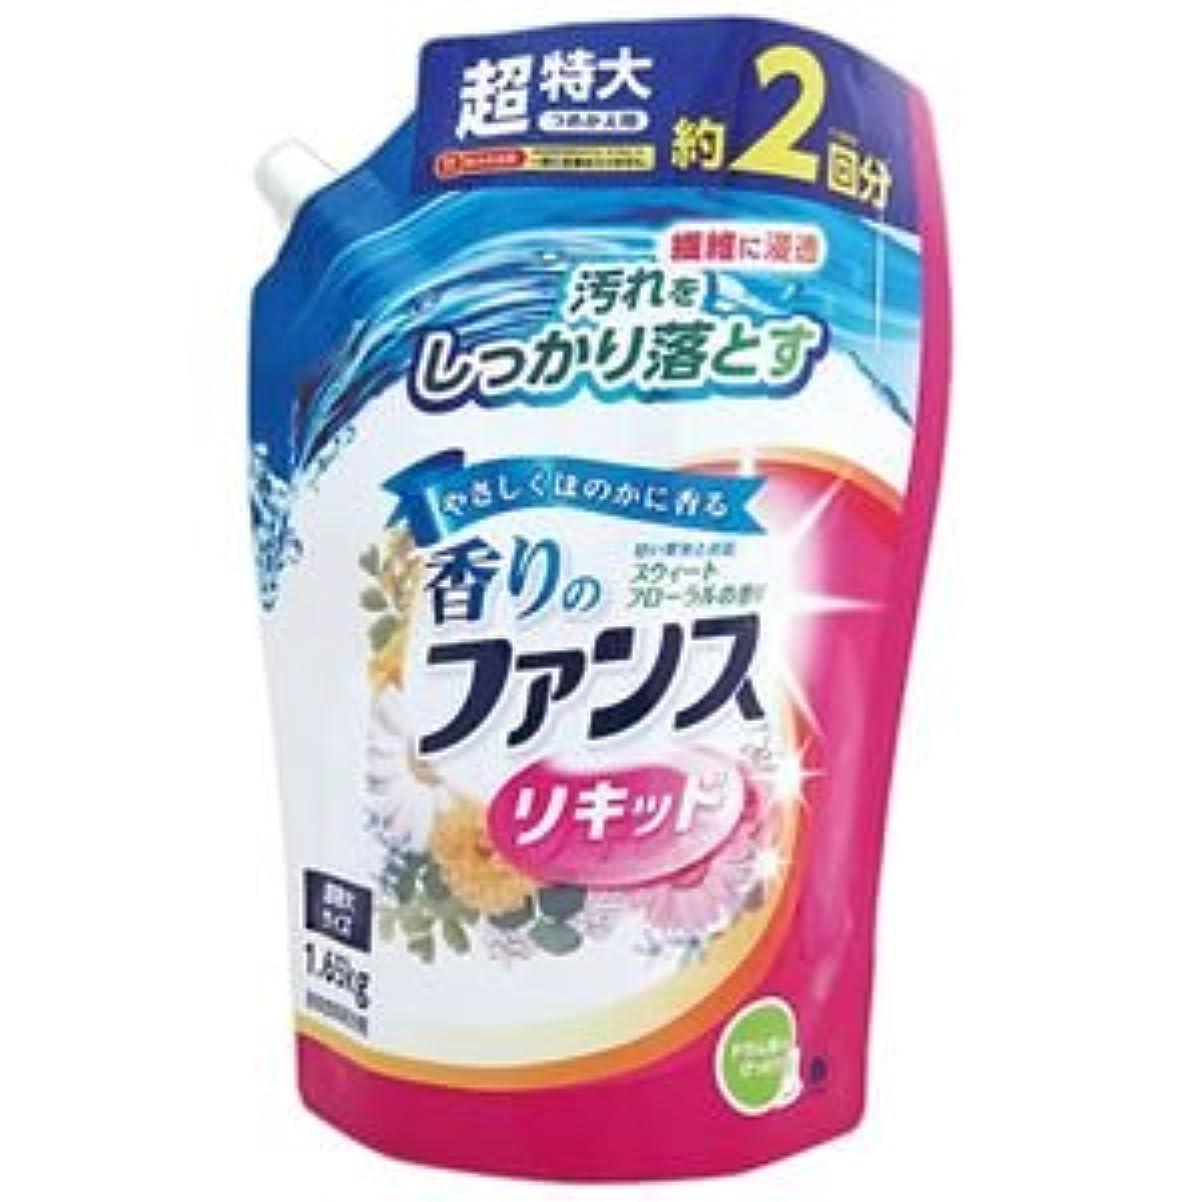 バーター津波群れ(まとめ) 第一石鹸 香りのファンス 液体衣料用洗剤リキッド 詰替用 1.65kg 1セット(6個) 【×2セット】